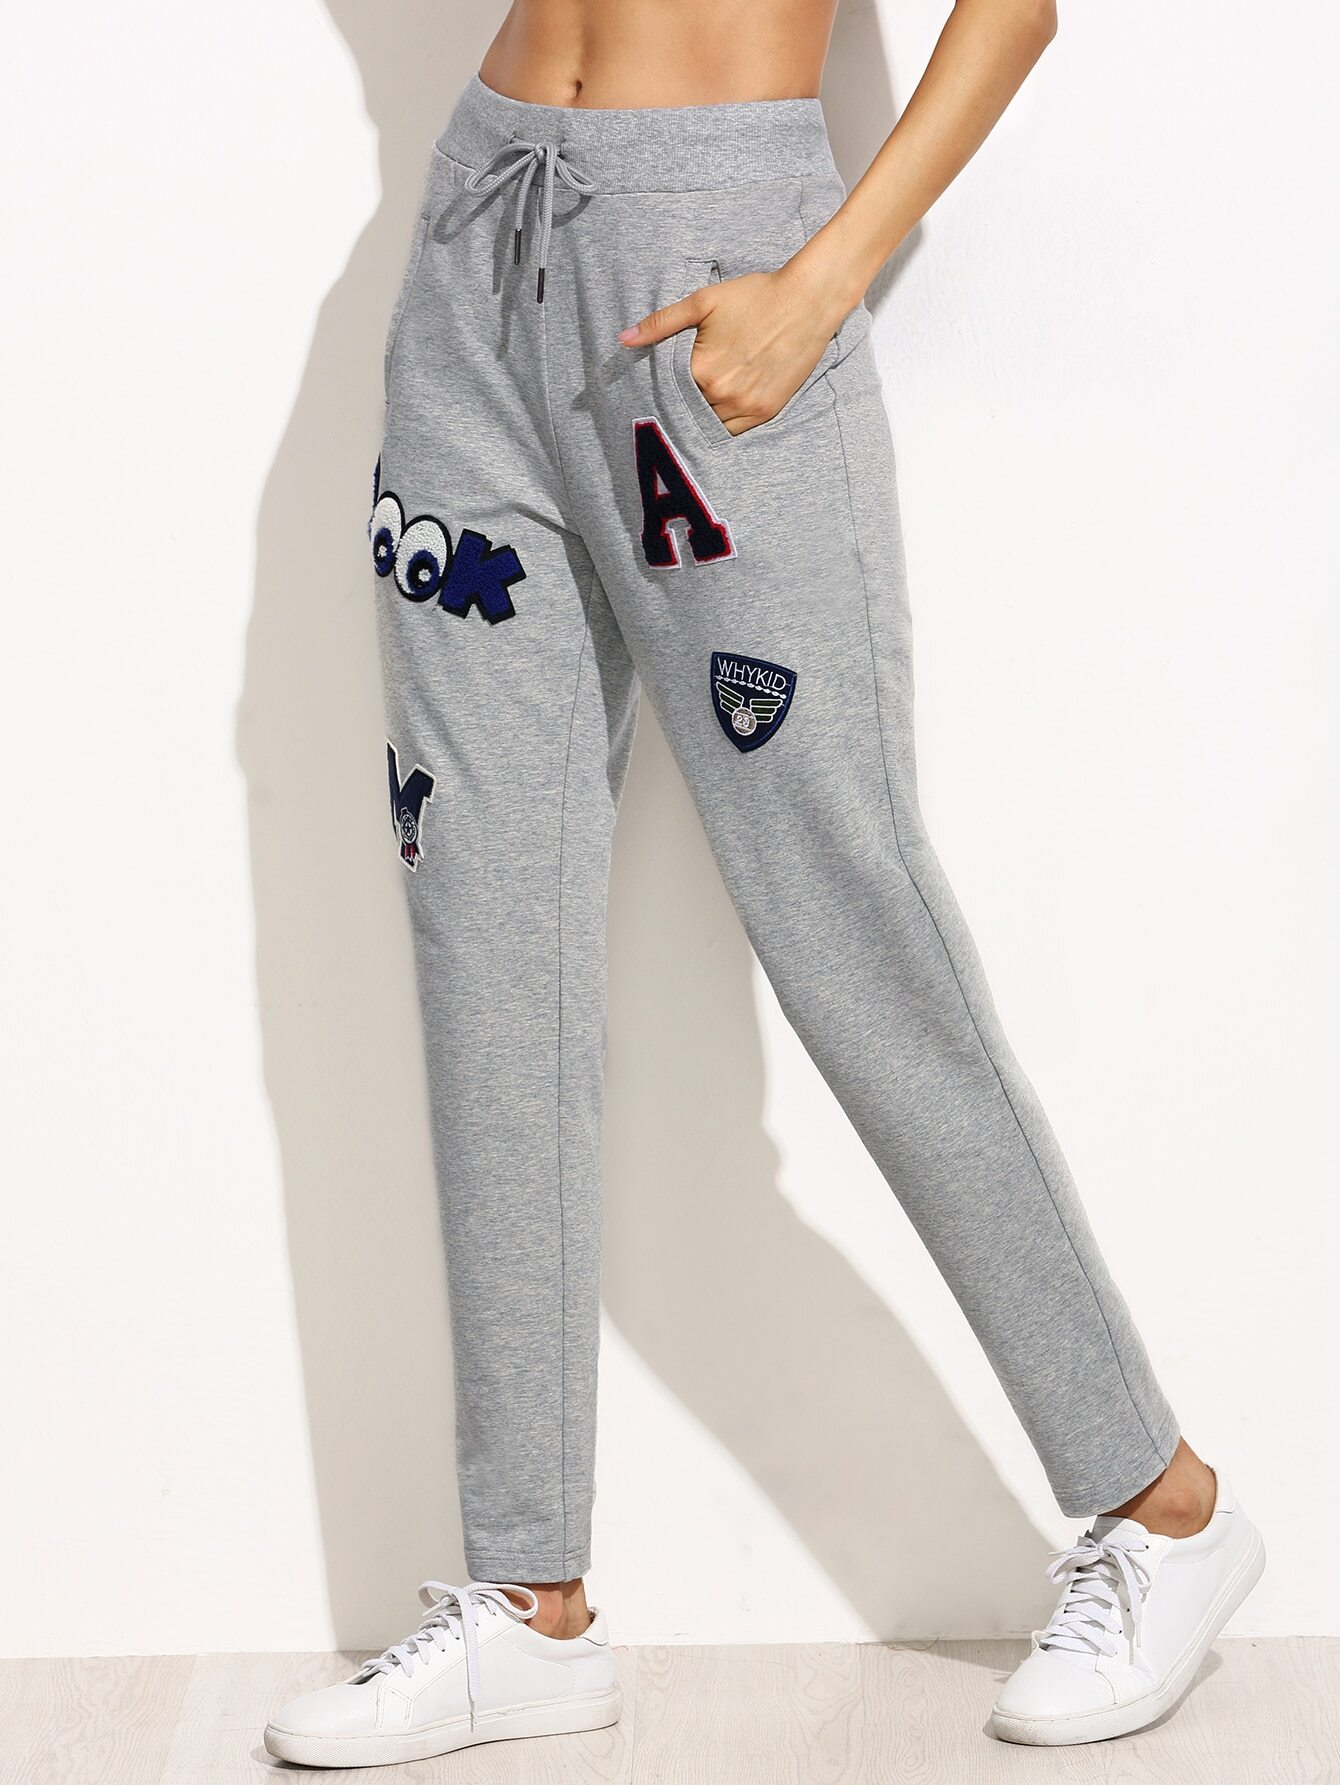 pants160826501_2